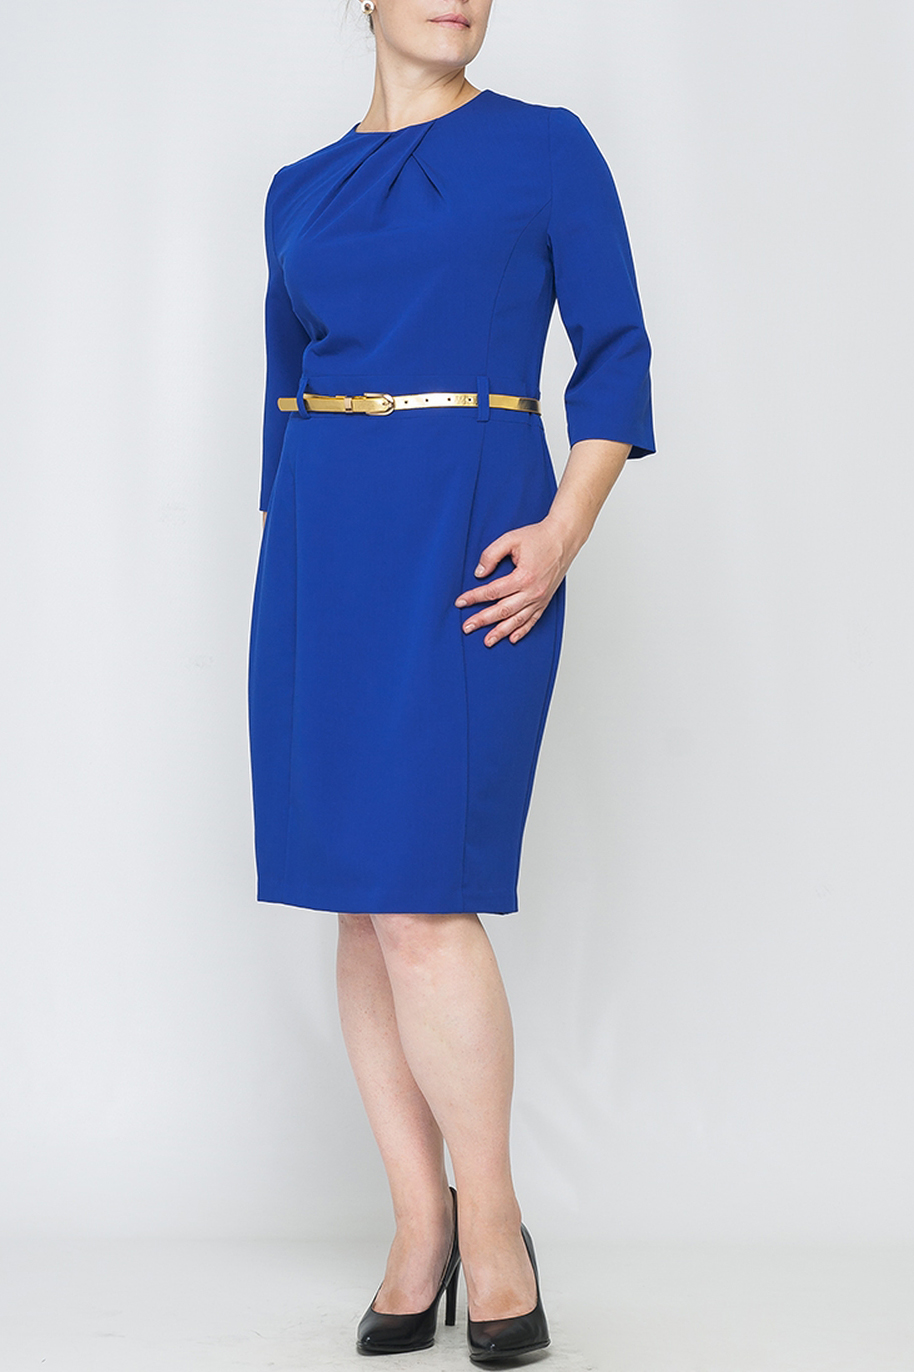 ПлатьеПлатья<br>Платье полуприлегающего силуэта из плательной однотонной ткани. Модель выполнена в строгом классическом стиле.Подчеркивает женственность и индивидуальность Вашего образа. Шикарное дополнение гардероба для стильной офисной леди.  Ремень в комплект не входит.   Параметры изделия:  44 размер: обхват груди - 96 см, обхват бедер - 104 см, длина рукава - 43 см, длина изделия - 98 см;  52 размер: обхват груди - 112 см, обхват бедер - 120 см, длина рукава - 44,5 см, длина изделия - 102 см.   В изделии использованы цвета: синий  Рост девушки-фотомодели 170 см.<br><br>Горловина: С- горловина<br>По длине: Ниже колена<br>По материалу: Тканевые<br>По рисунку: Однотонные<br>По силуэту: Приталенные<br>По стилю: Классический стиль,Офисный стиль,Повседневный стиль<br>По форме: Платье - футляр<br>По элементам: Со складками<br>Рукав: Рукав три четверти<br>По сезону: Осень,Весна,Зима<br>Размер : 42,44,46,48,52<br>Материал: Костюмно-плательная ткань<br>Количество в наличии: 5